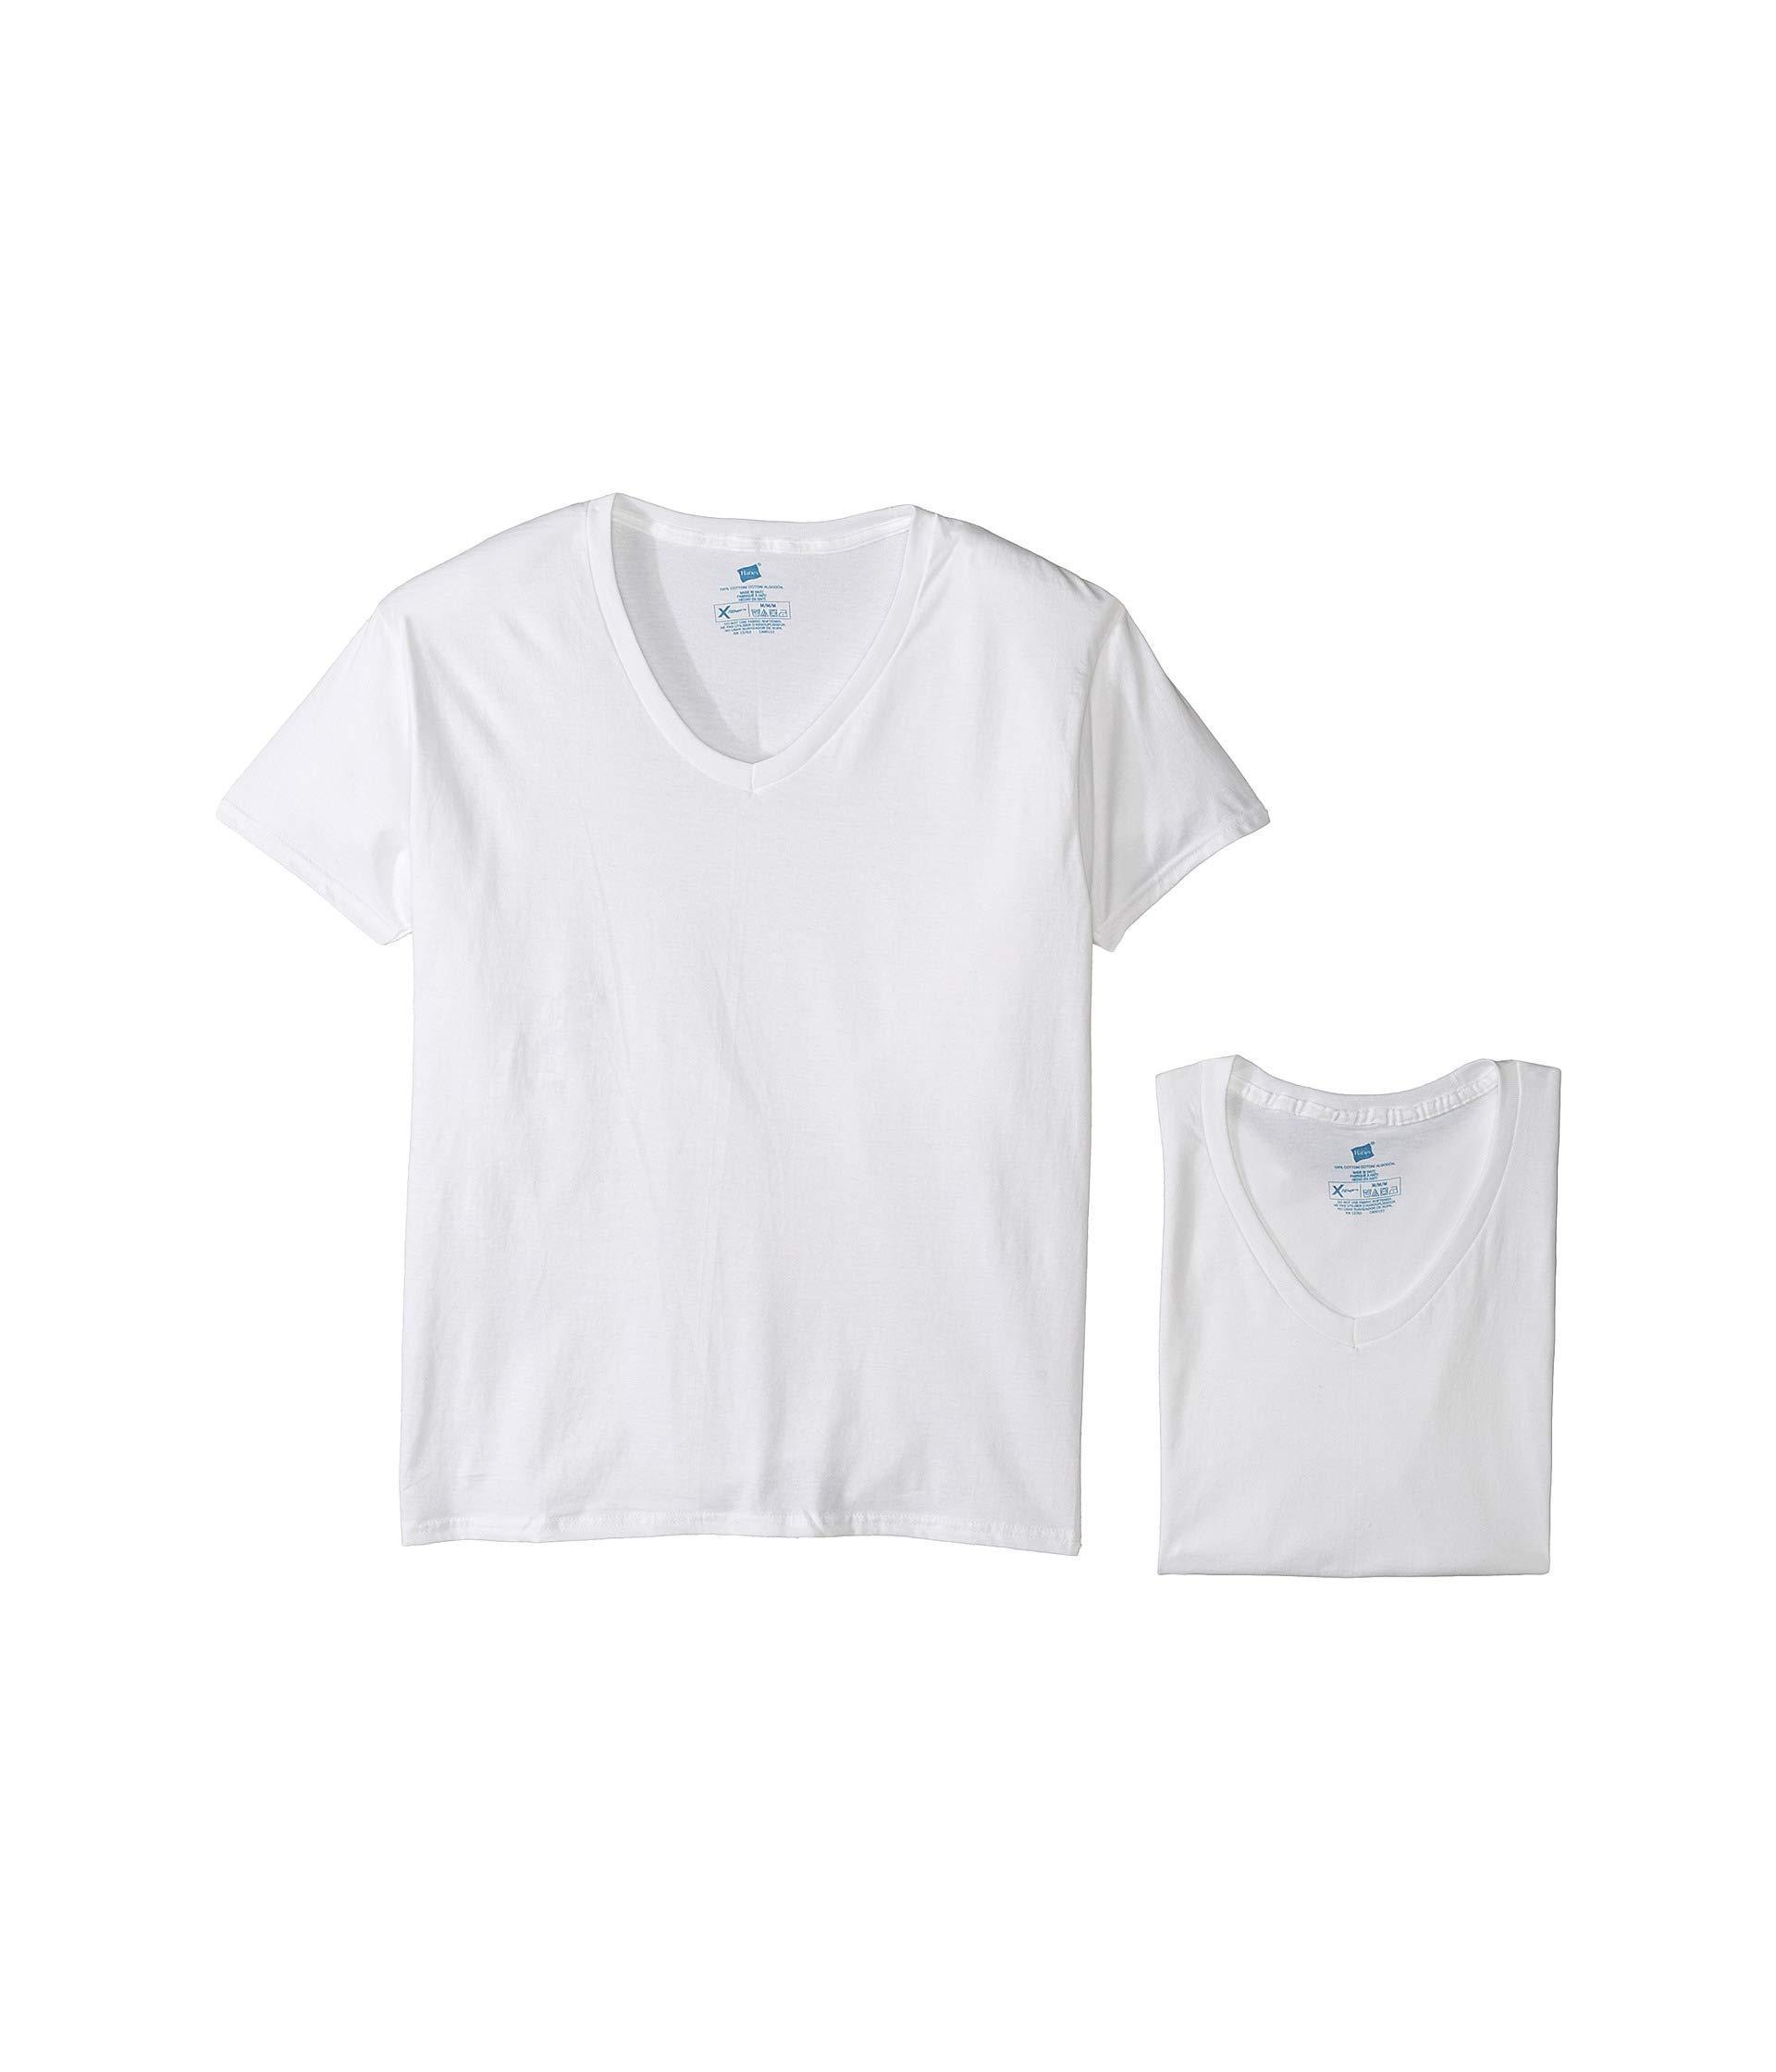 af48a2c8af2d Lyst - Hanes 4-pack Platinum X-temp Combed Cotton V-neck (white ...